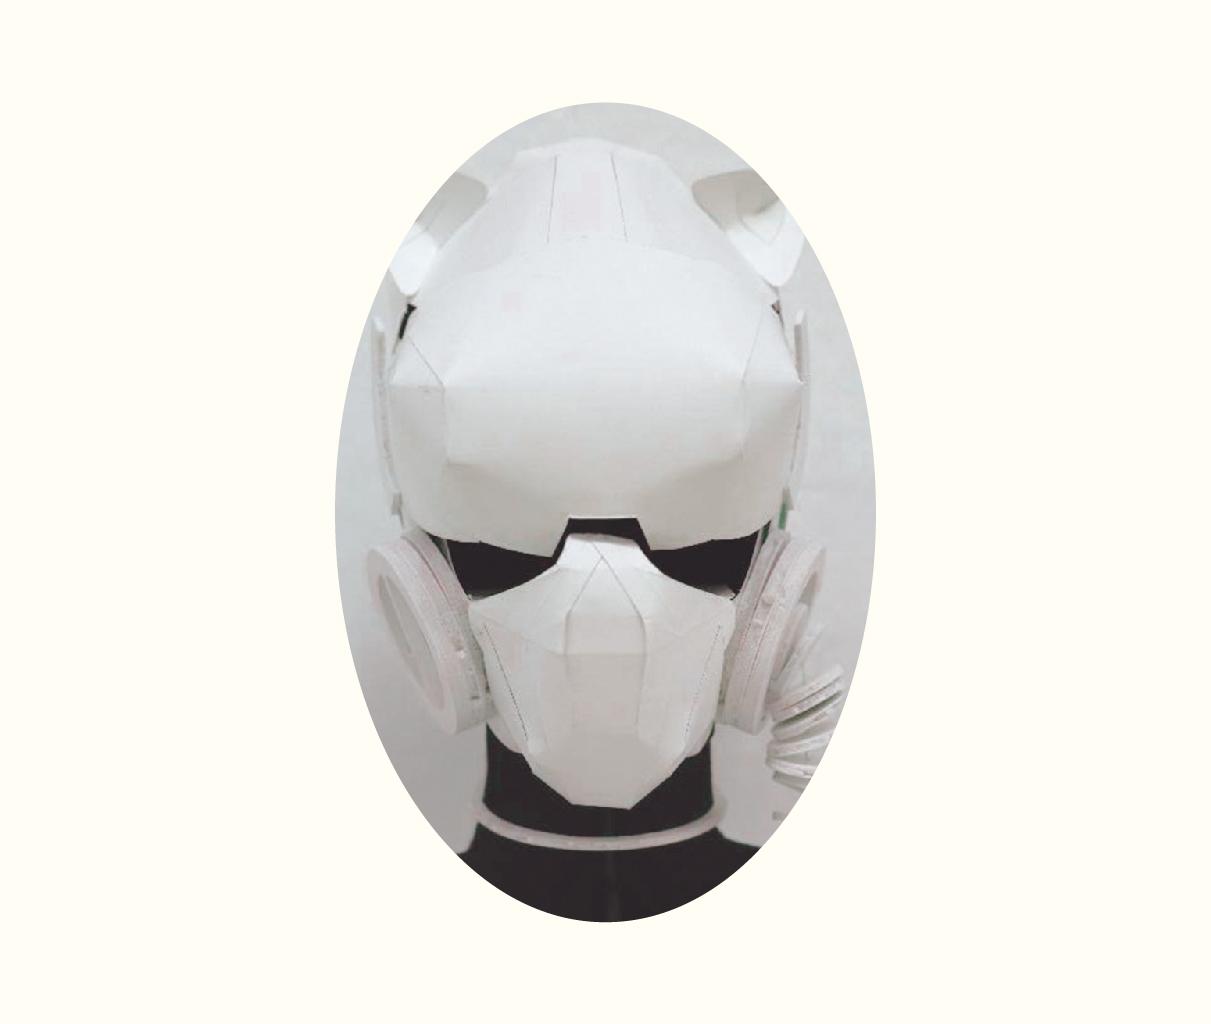 IZANAGI   イザナギSamurai Pilot Helmet - Helmet Design Project